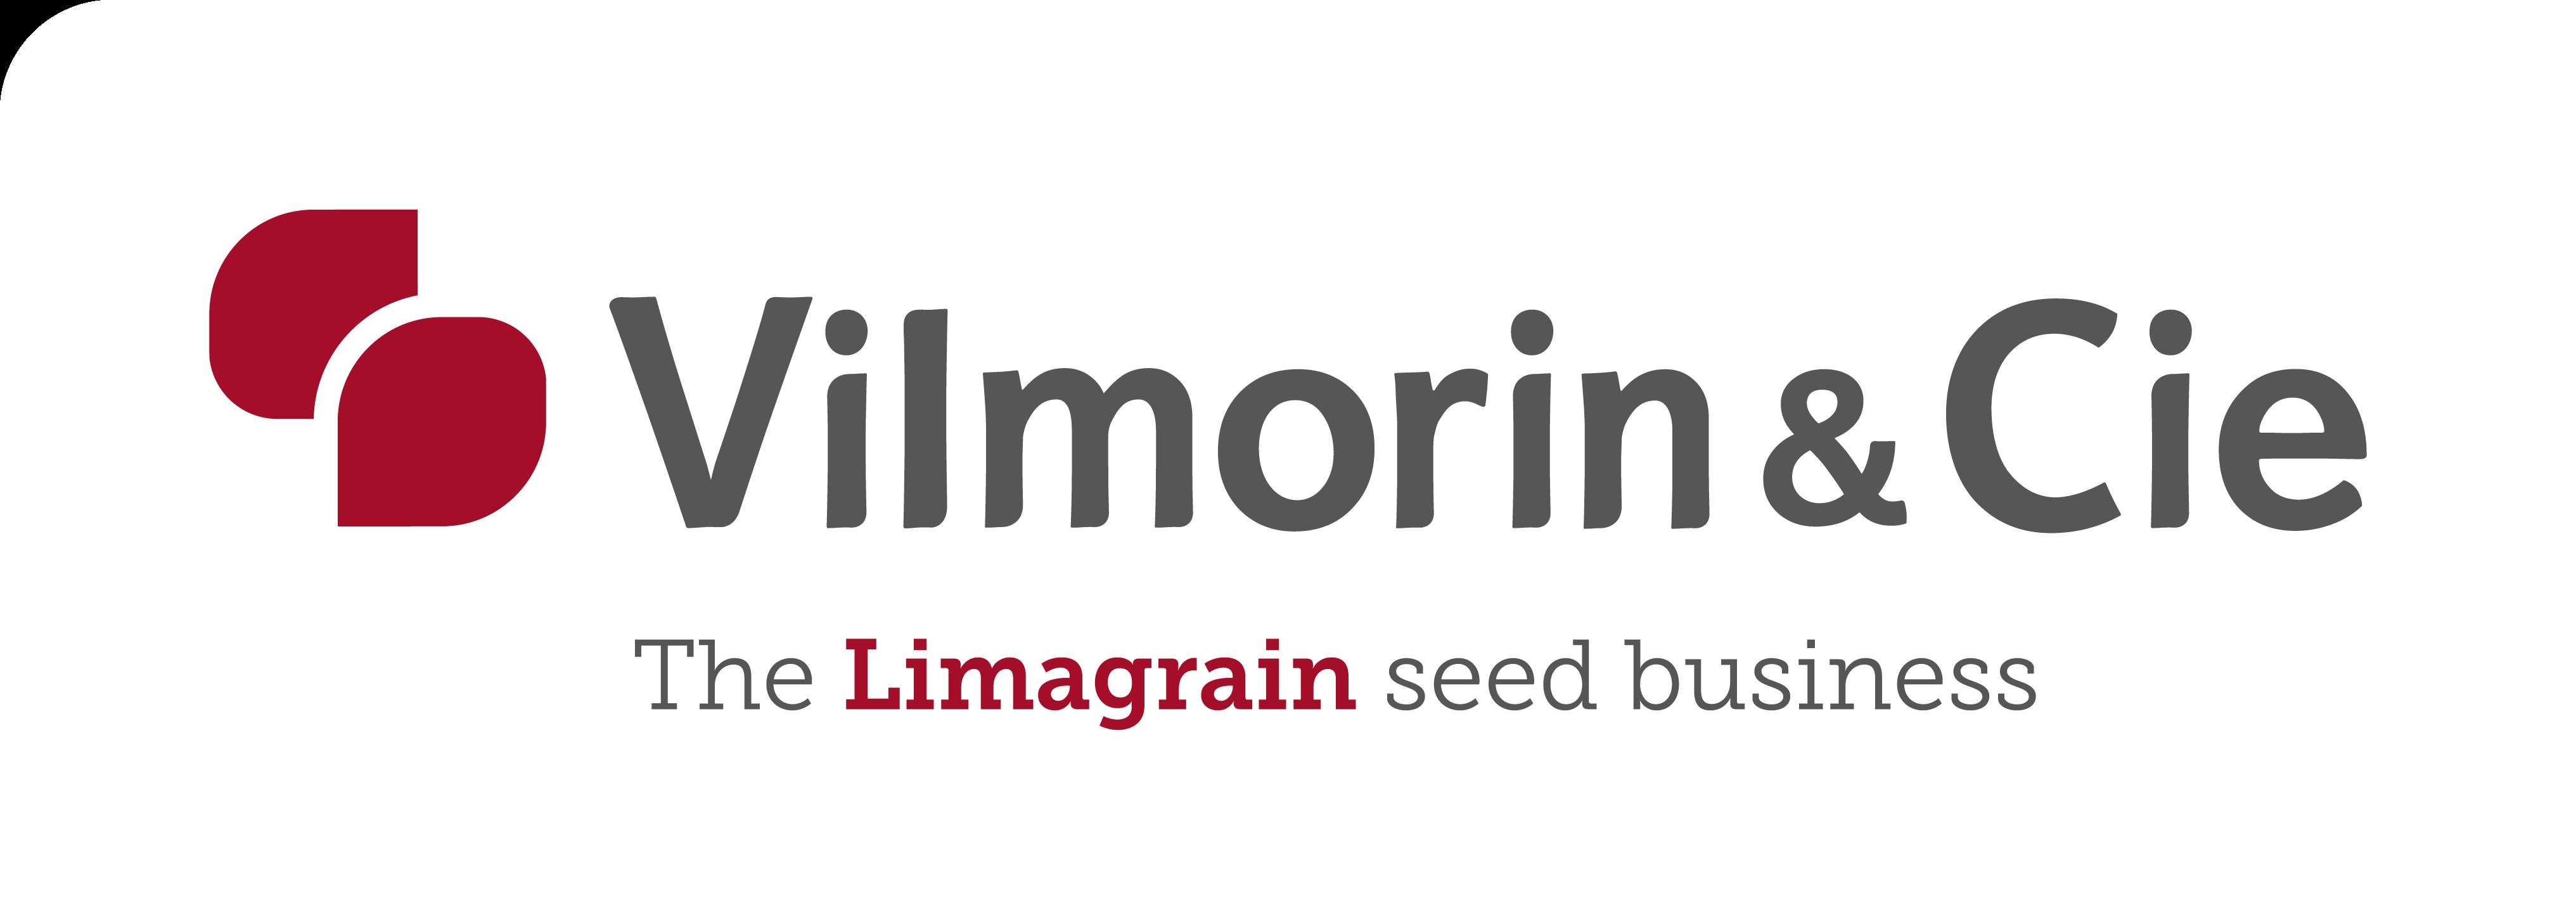 Vilmorin & Cie